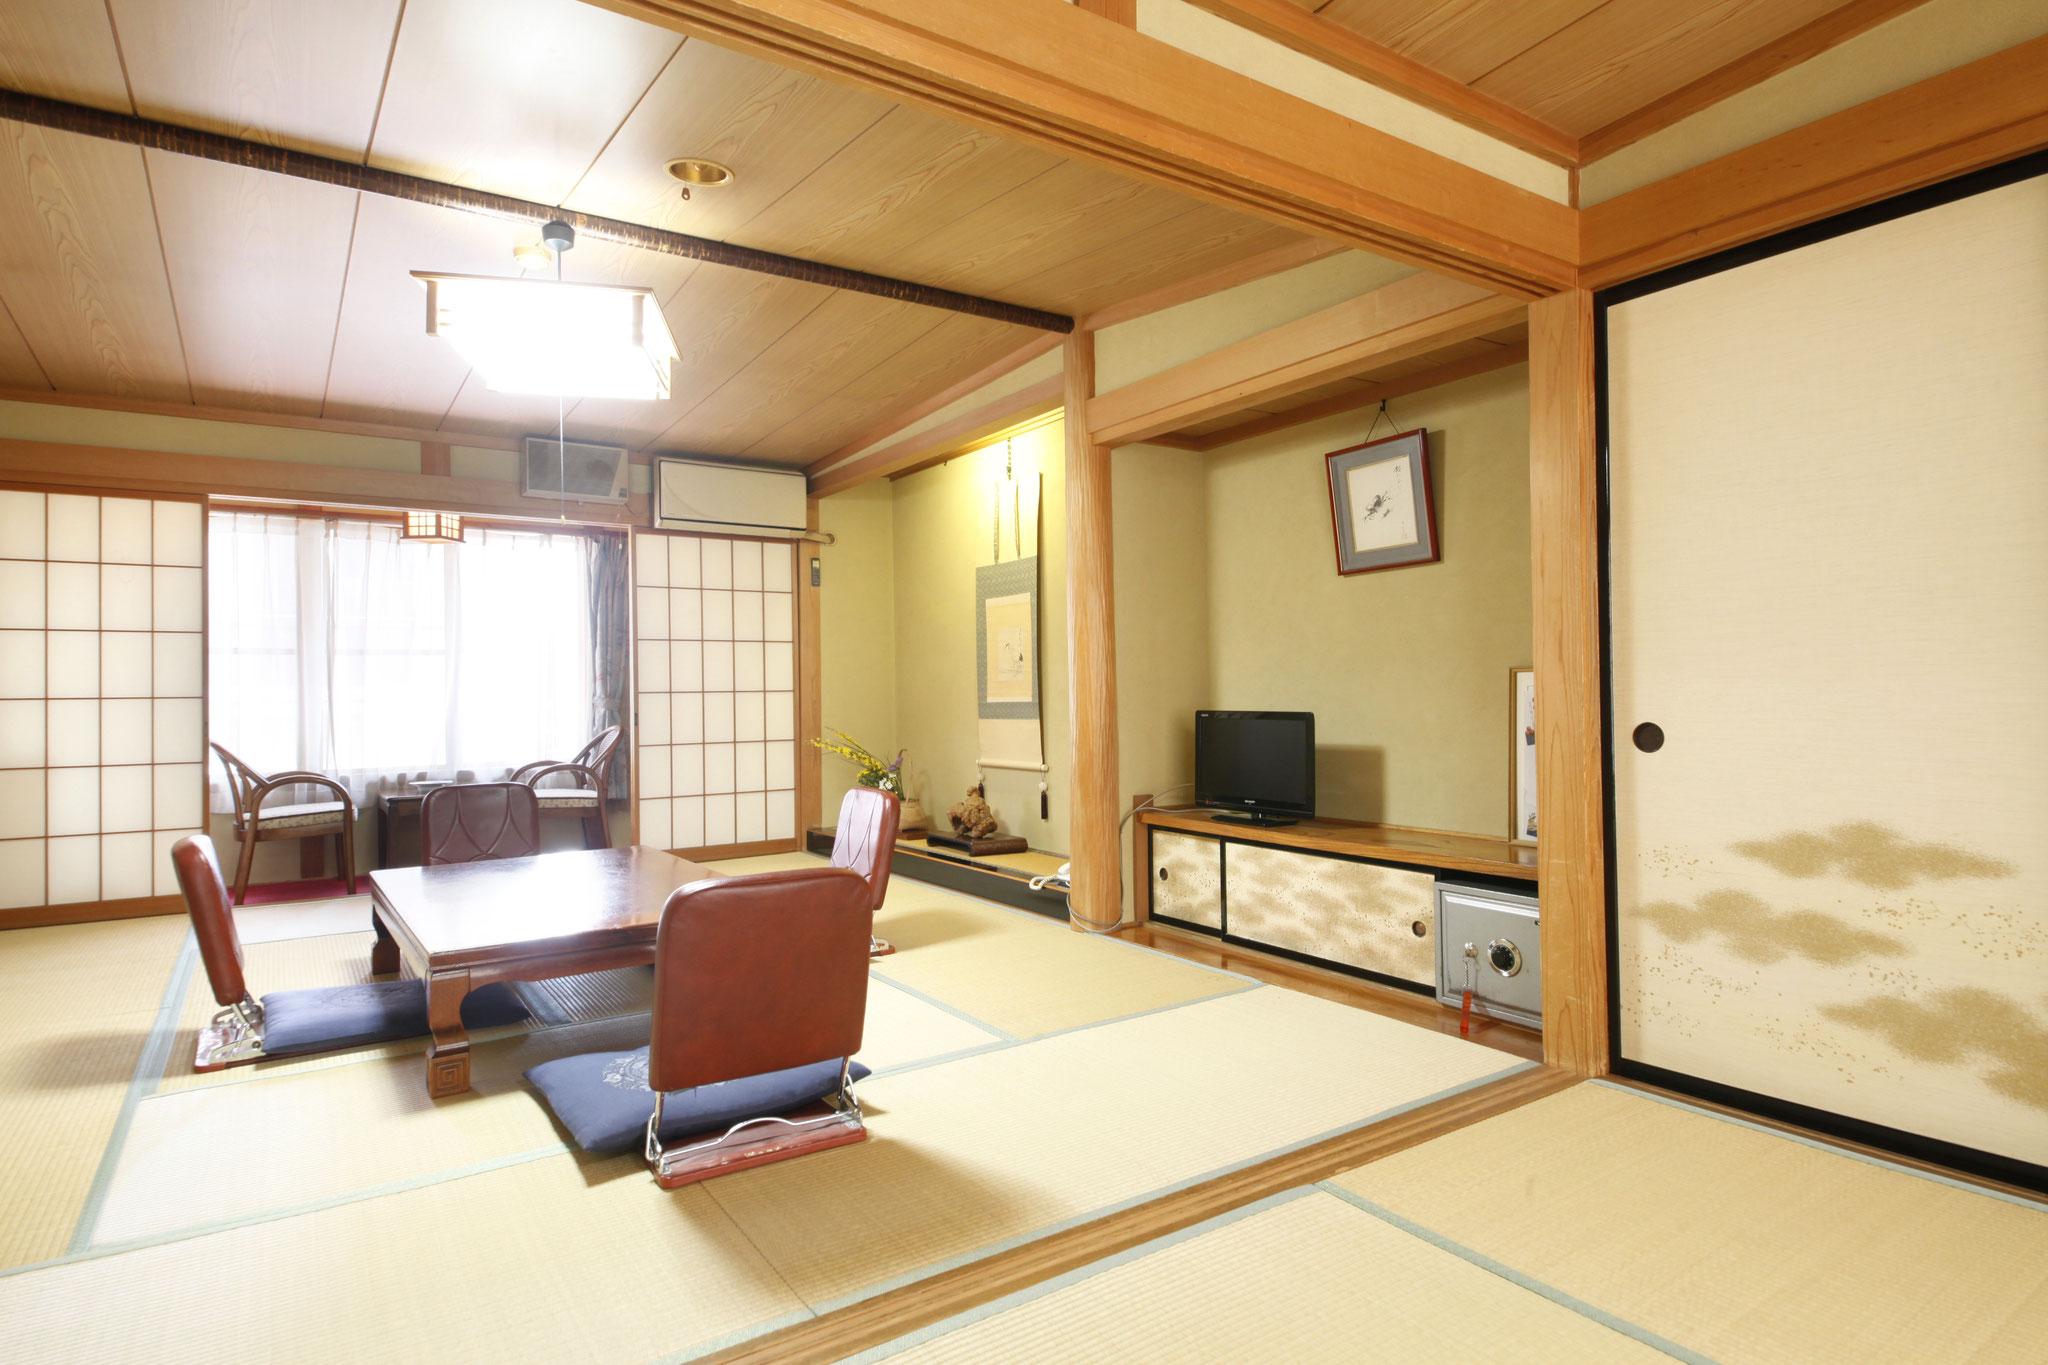 また二部屋続きのお部屋もございます。そちらのお部屋ですと、七人くらいで  宿泊しても広いですので大丈夫です。ご予約の際に、ご相談ください。